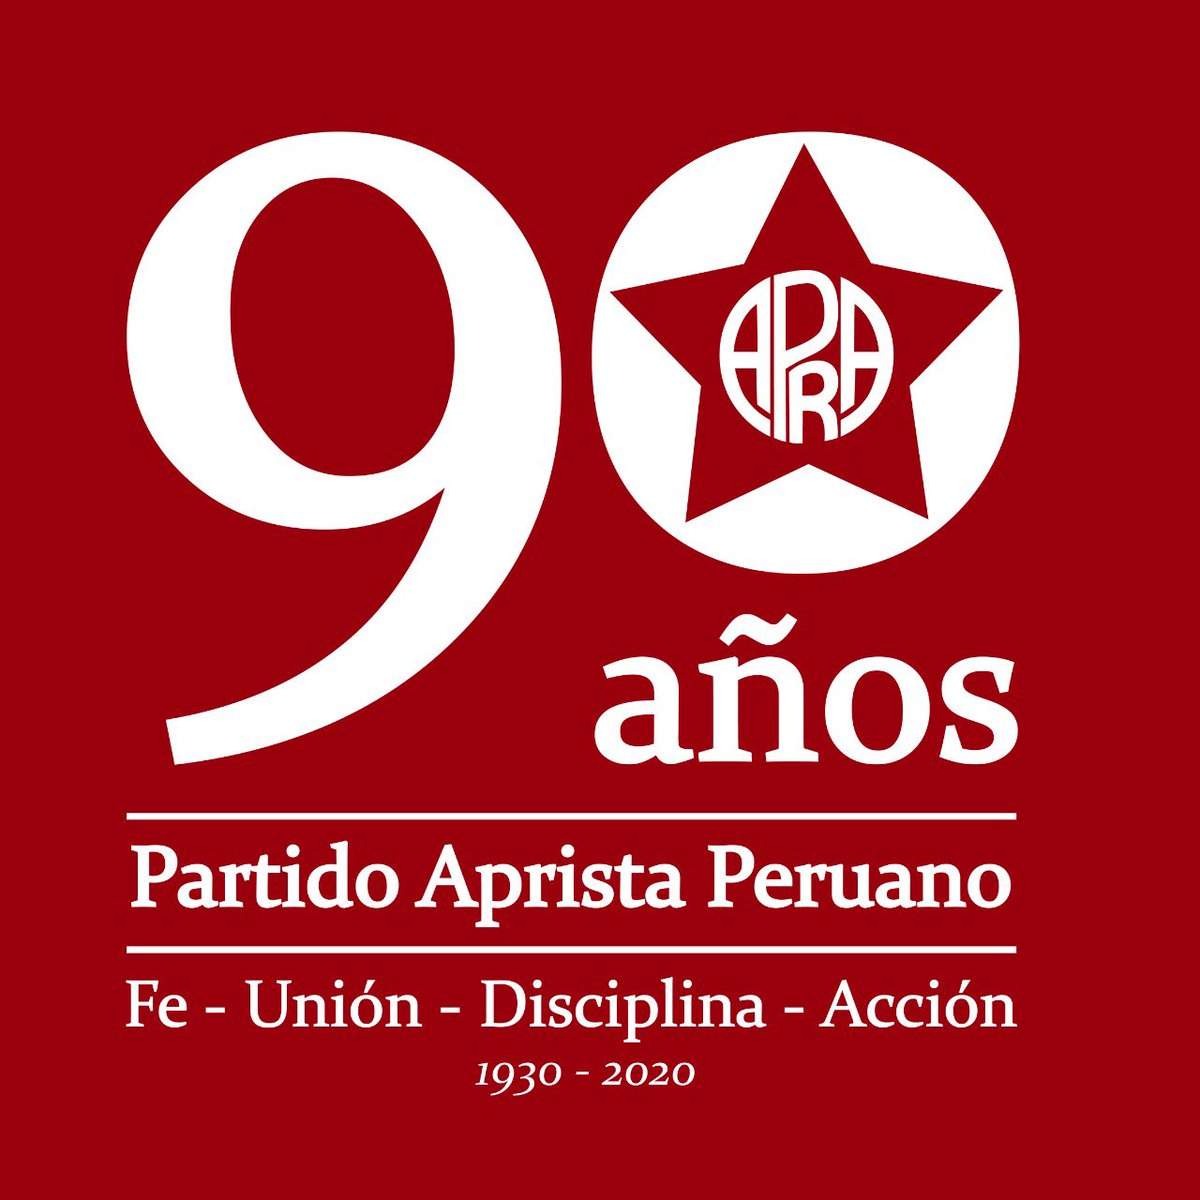 [#90ANIVERSARIO]  2020 es el año en que el #PartidoApristaPeruano,cumple #90años y el @APRA_Oficial continental cumplirá 96).Hagamos eco de los 90 años de nuestro partido. La mejor forma de responder a nuestros adversarios es con el orgullo de la historia y mística del partido pic.twitter.com/lMEg2whWeN